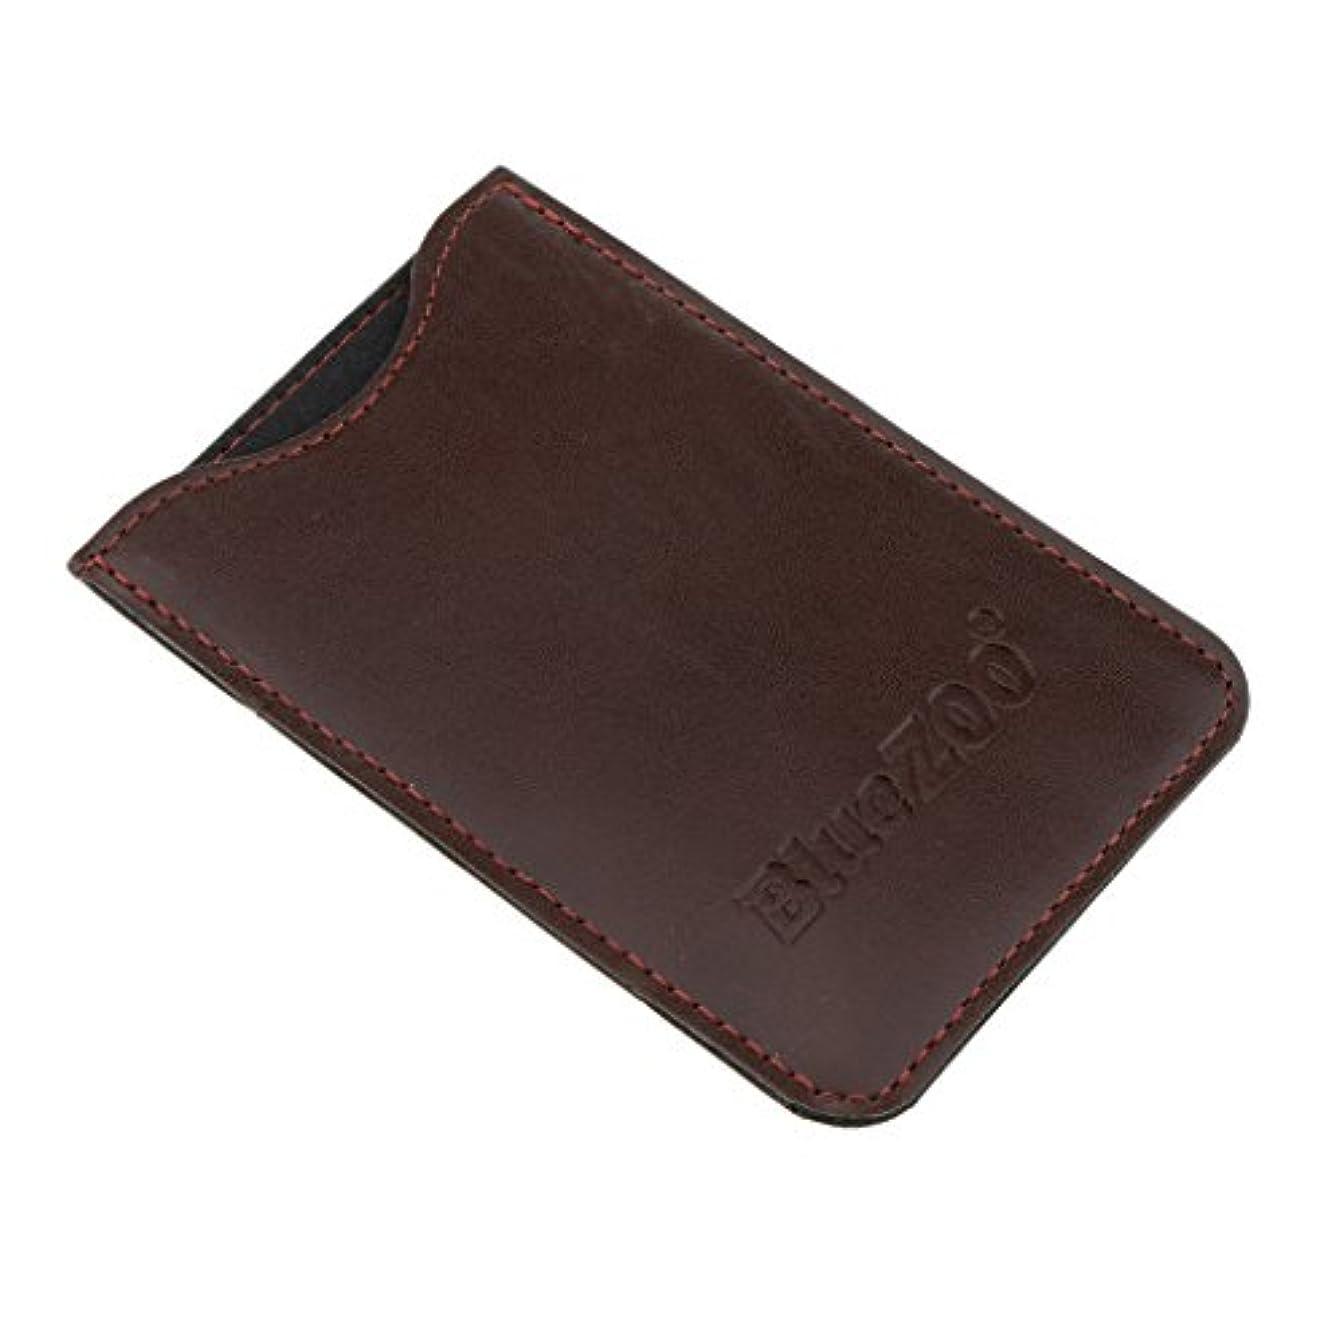 悪行メイド武装解除Perfeclan コンビバッグ PUレザー 櫛バッグ ポケット オーガナイザー 収納ケース 保護カバー パック 全2色 - 褐色